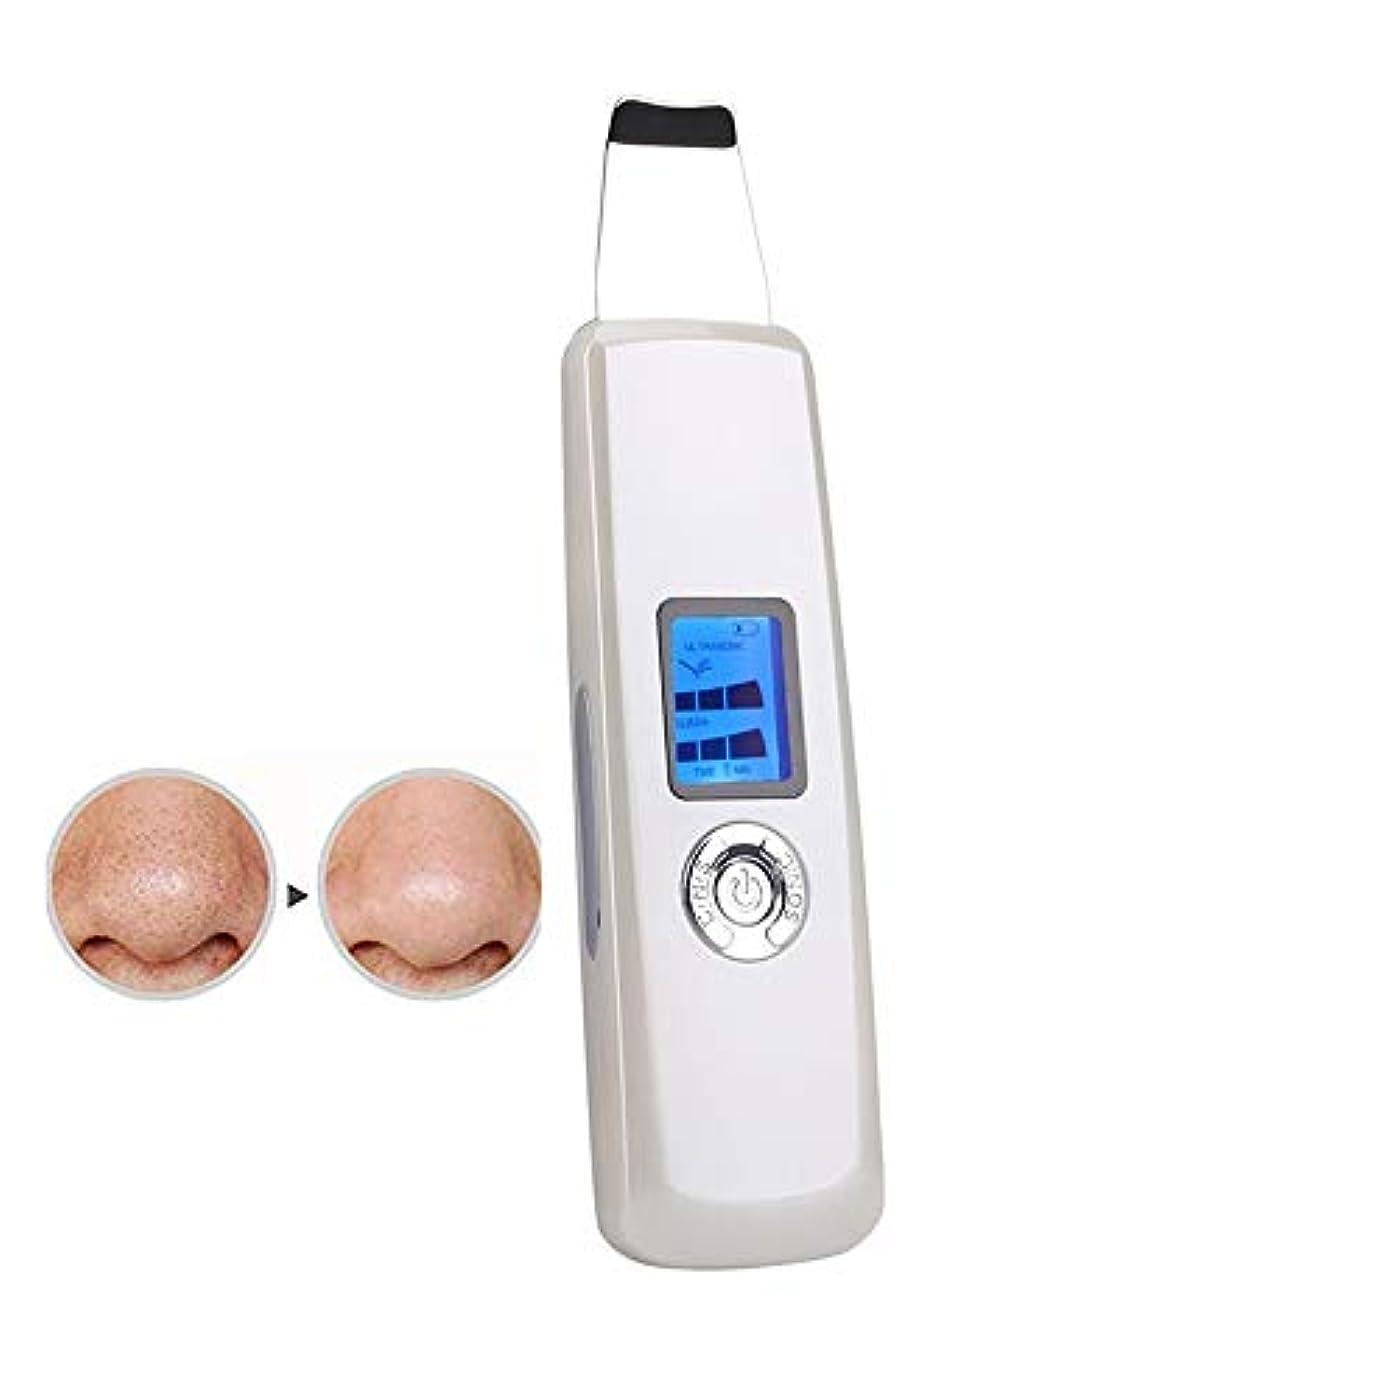 祖母性交取り戻す顔の皮膚スクラバー、電気SPAジェントルブラックヘッドリムーバー、充電式美容ツールマッサージャーにきびグリース毛穴クリーナーリンクルリムーバー面皰Extractorのスキンケア